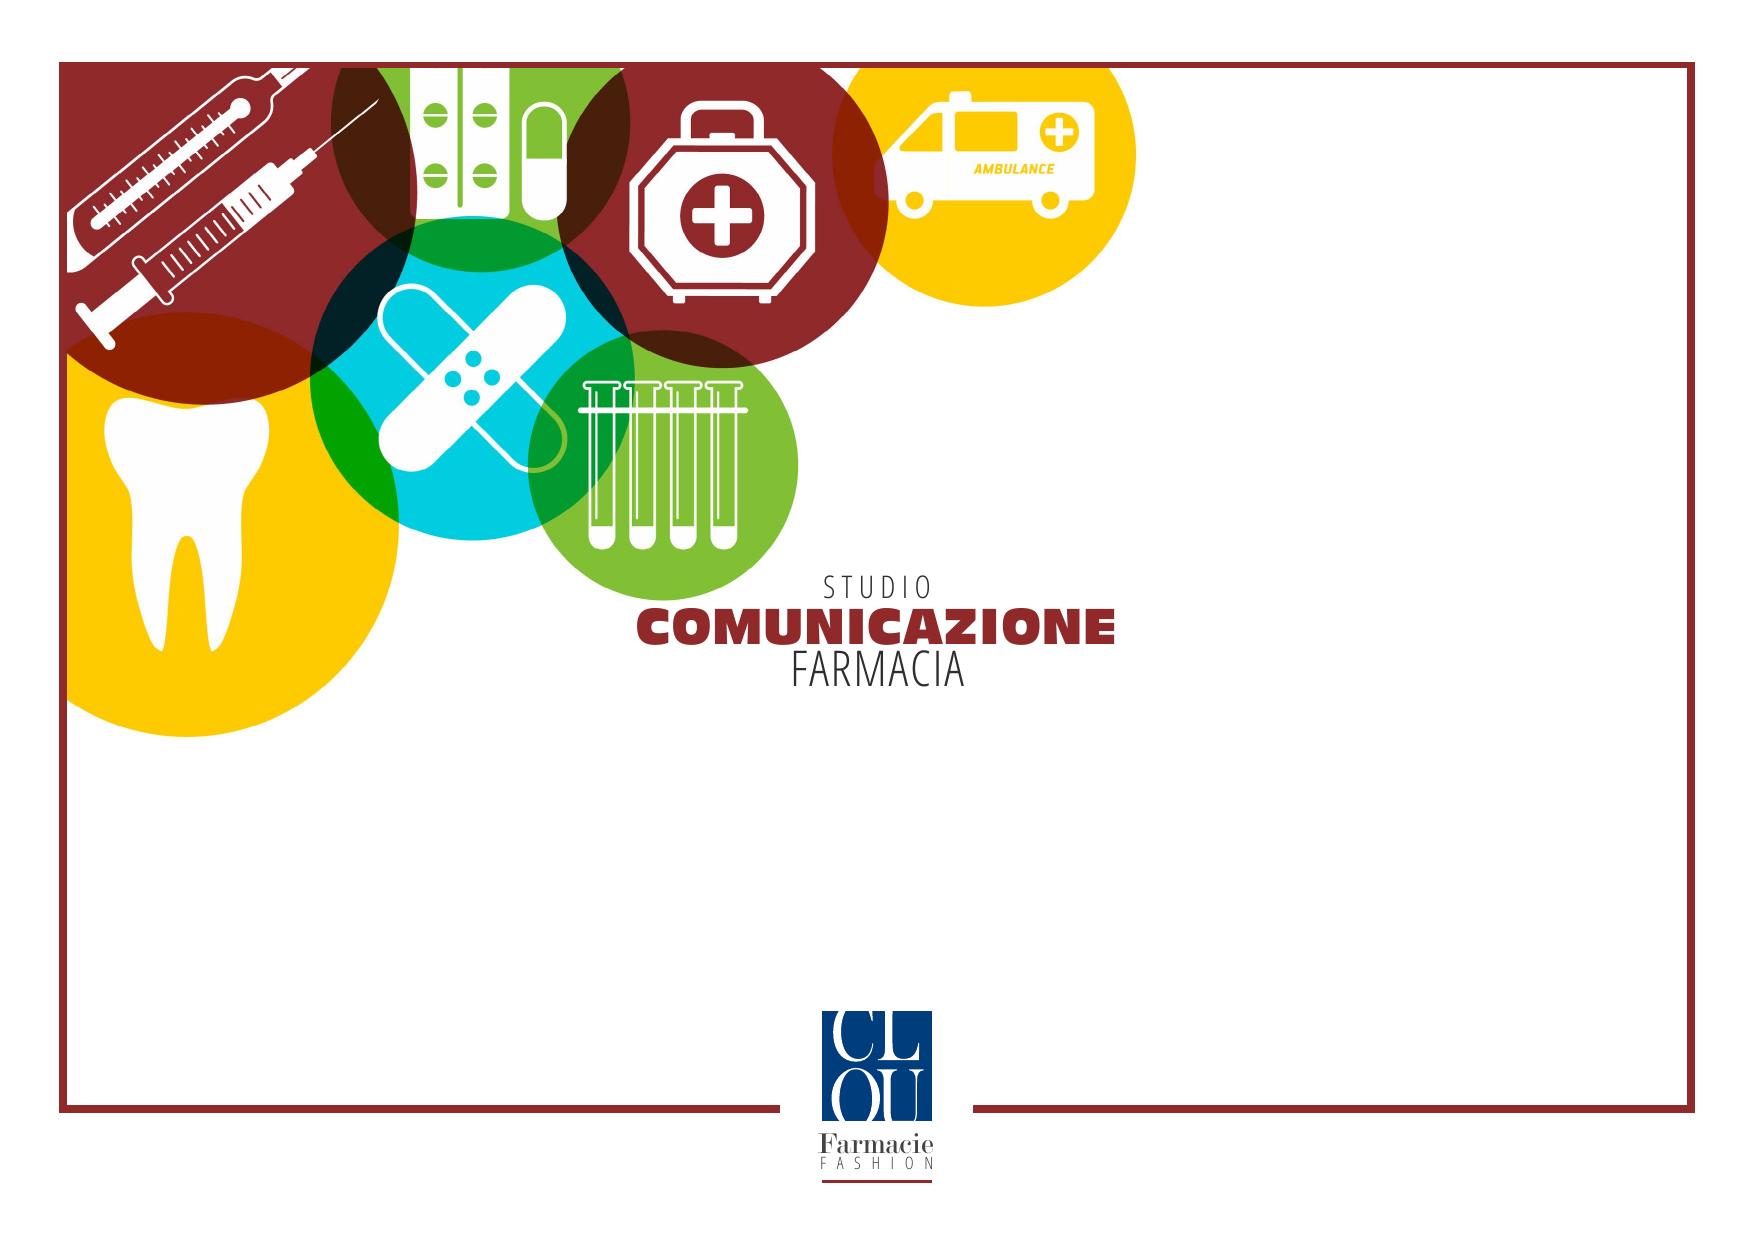 Comunicazione integrata clou farmacie fashion for Clou arredi farmacie